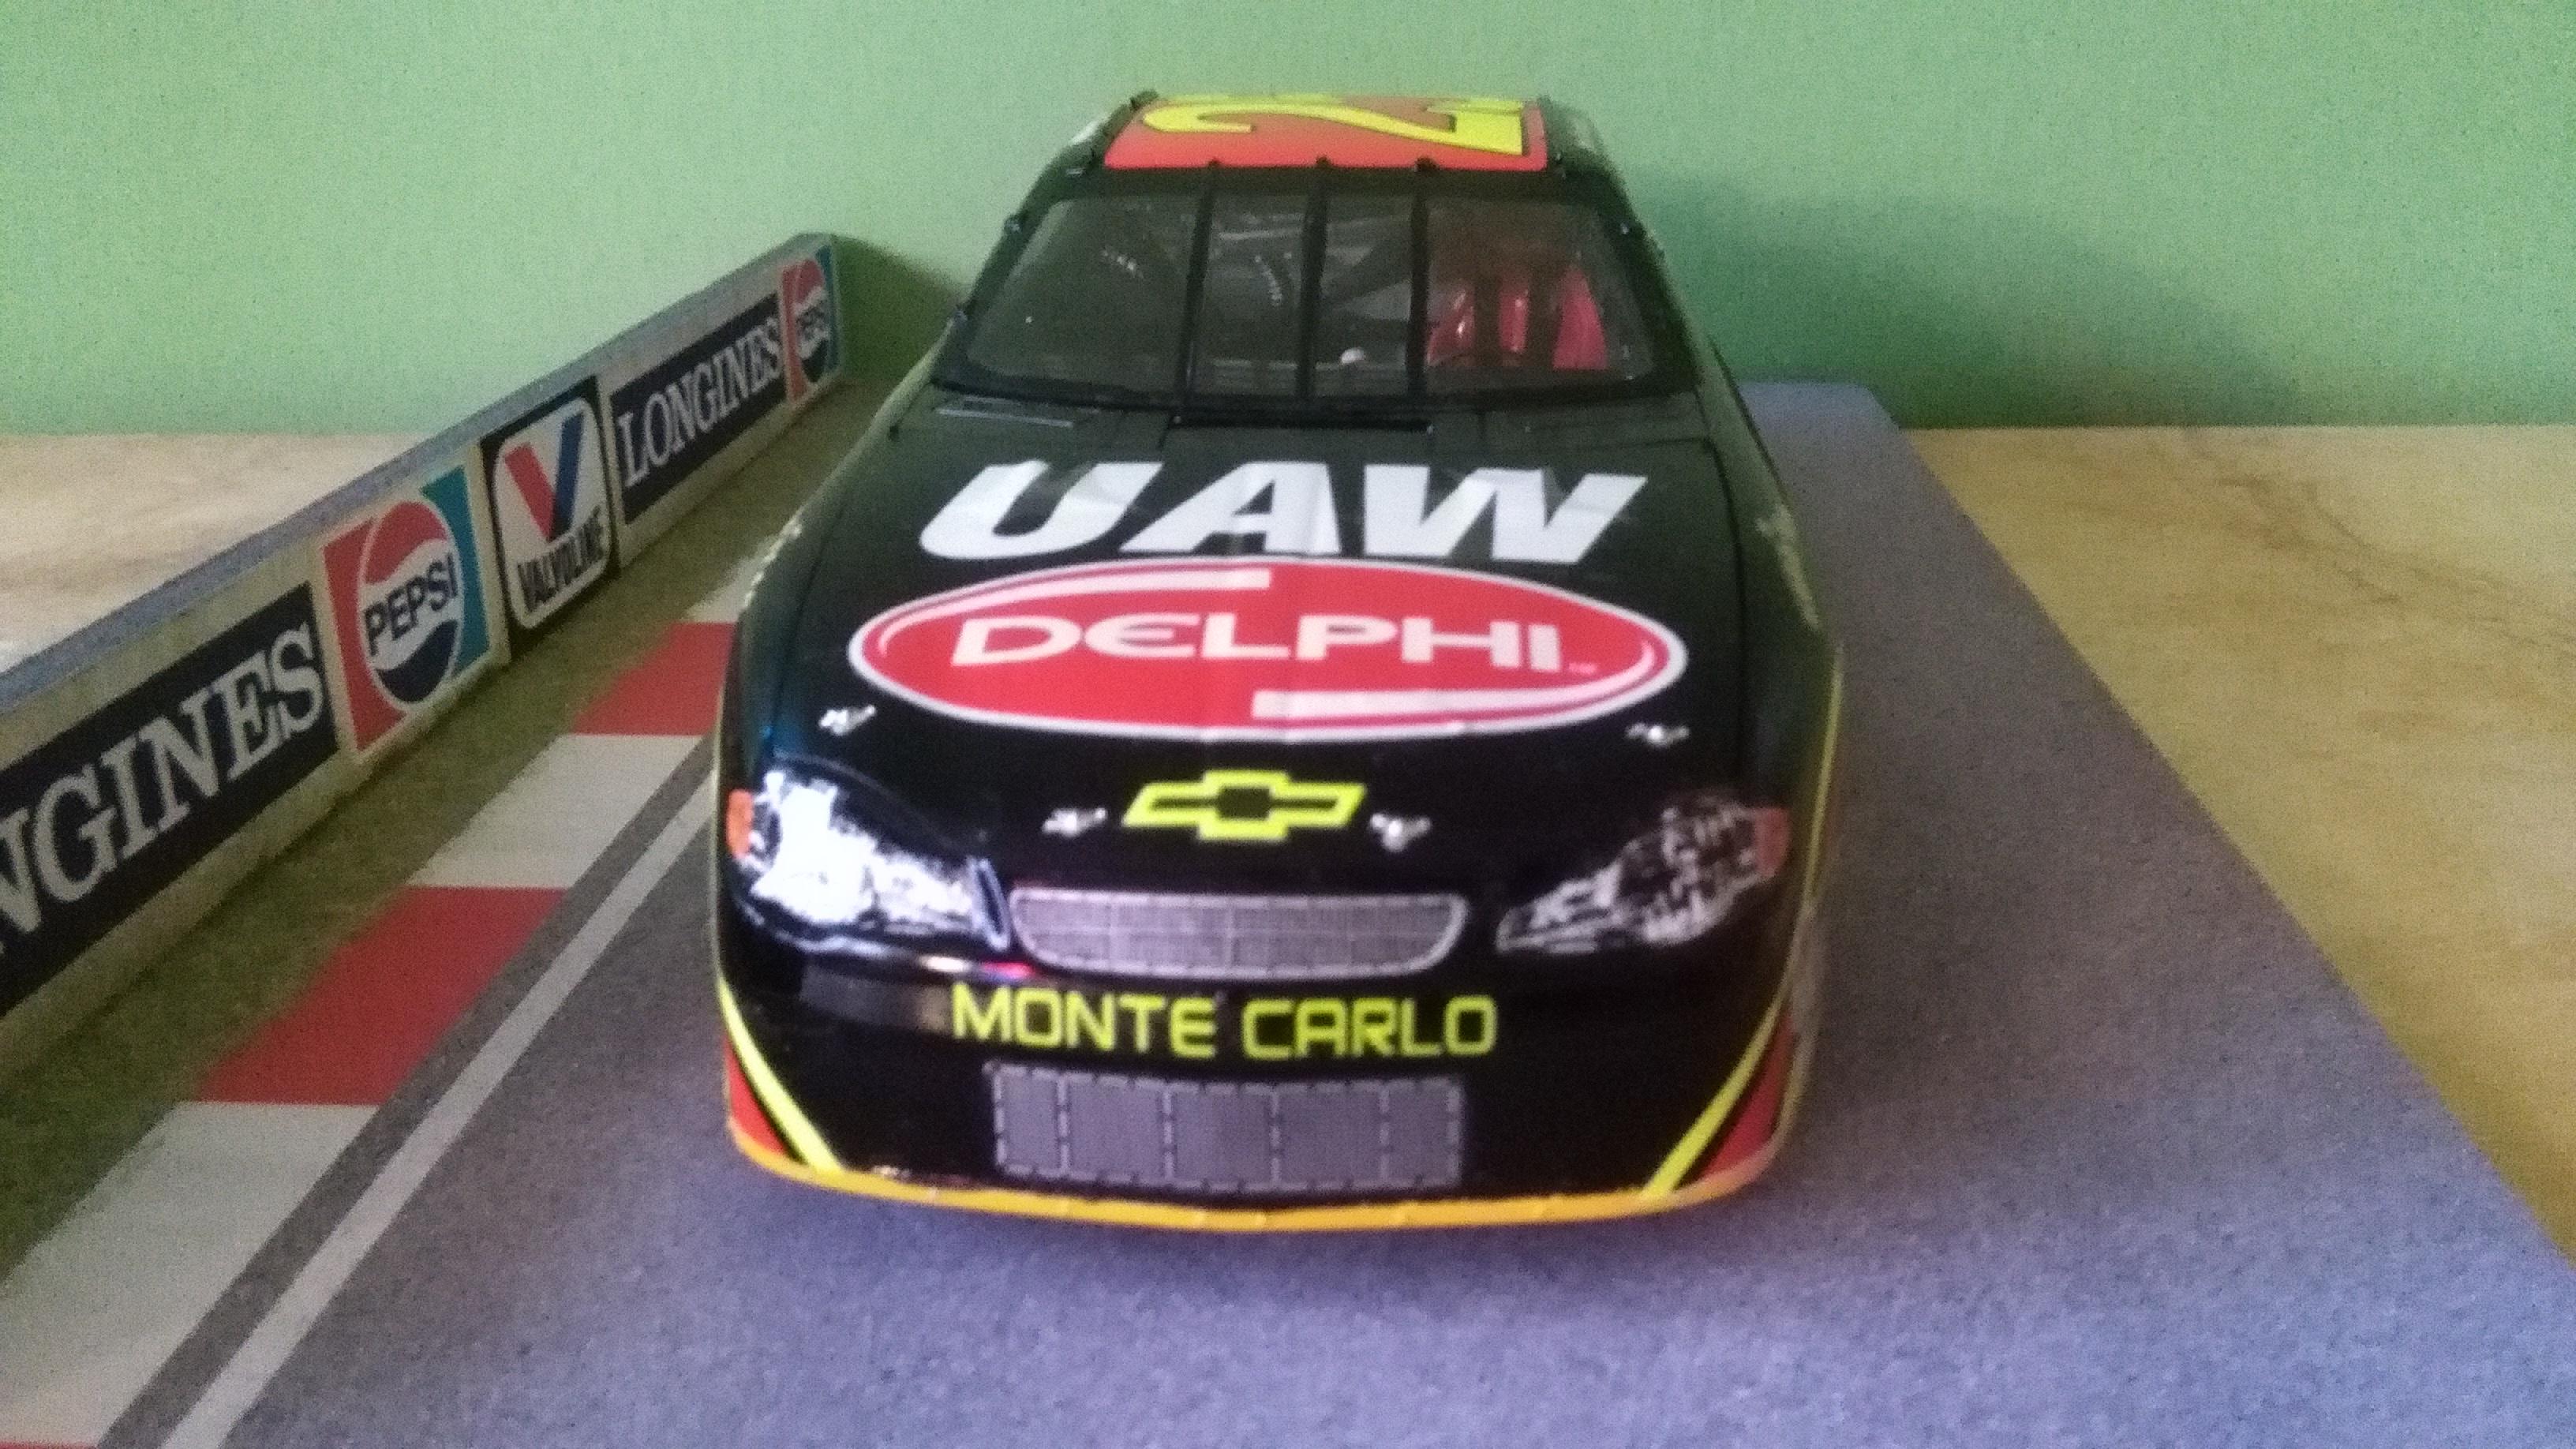 Chevy Monte-Carlo 2002 #25 Joe Nemechek UAW-Delphi  467333IMG20180107152542